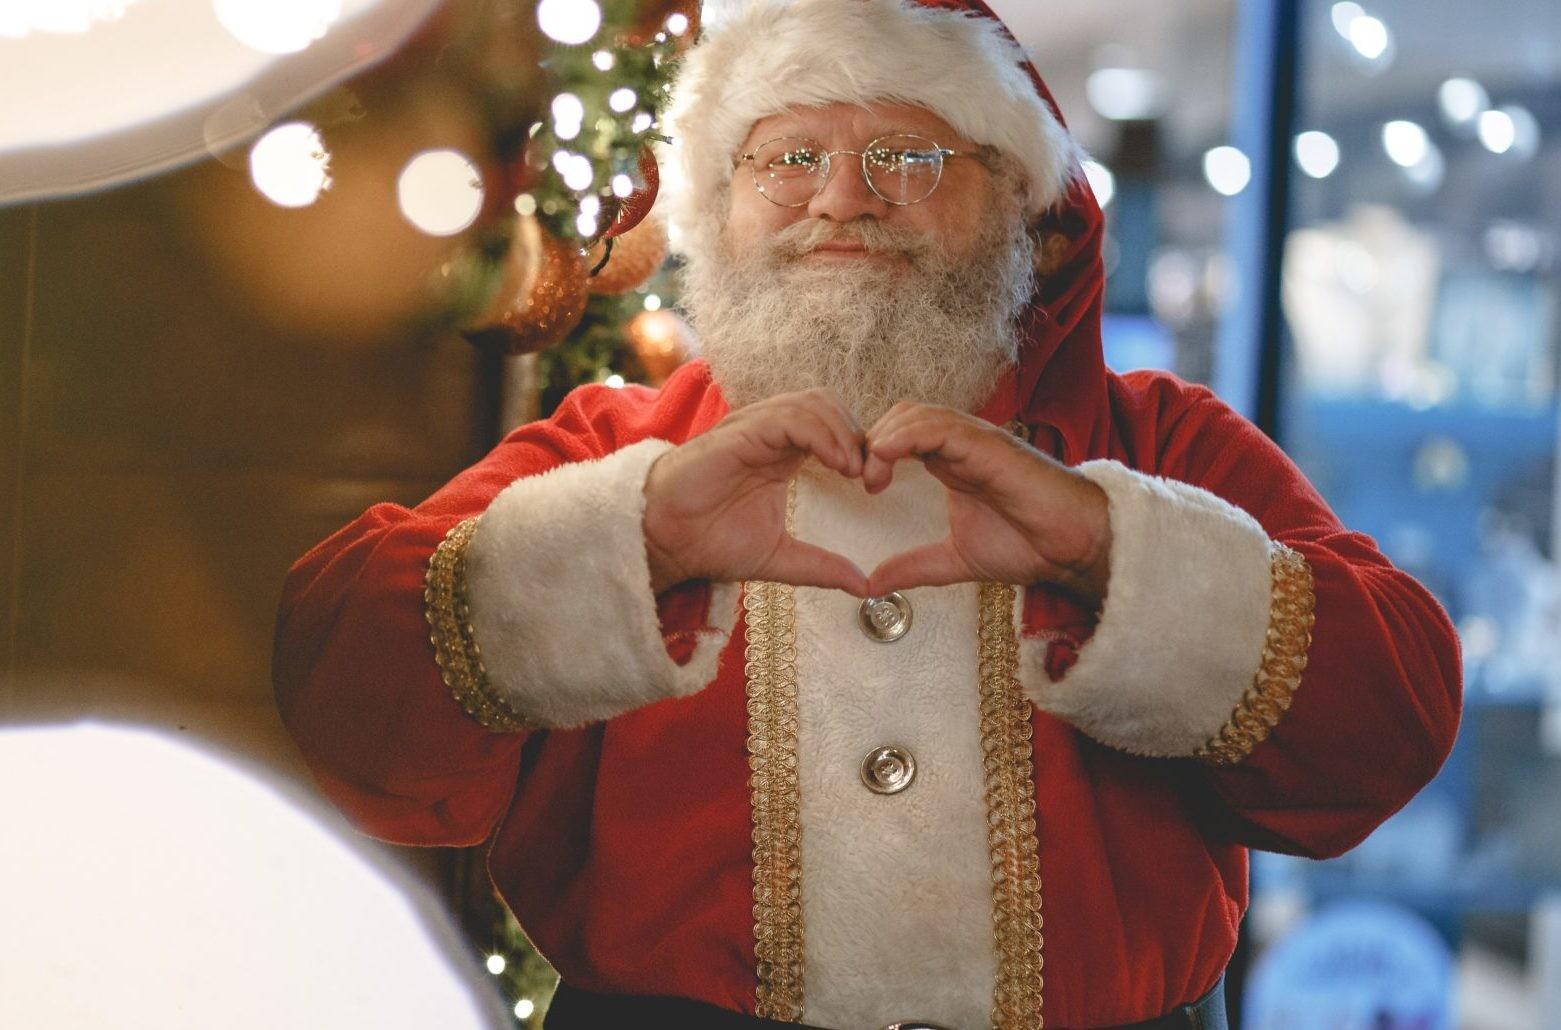 Кем заменить Деда Мороза? 6 способов сэкономить деньги